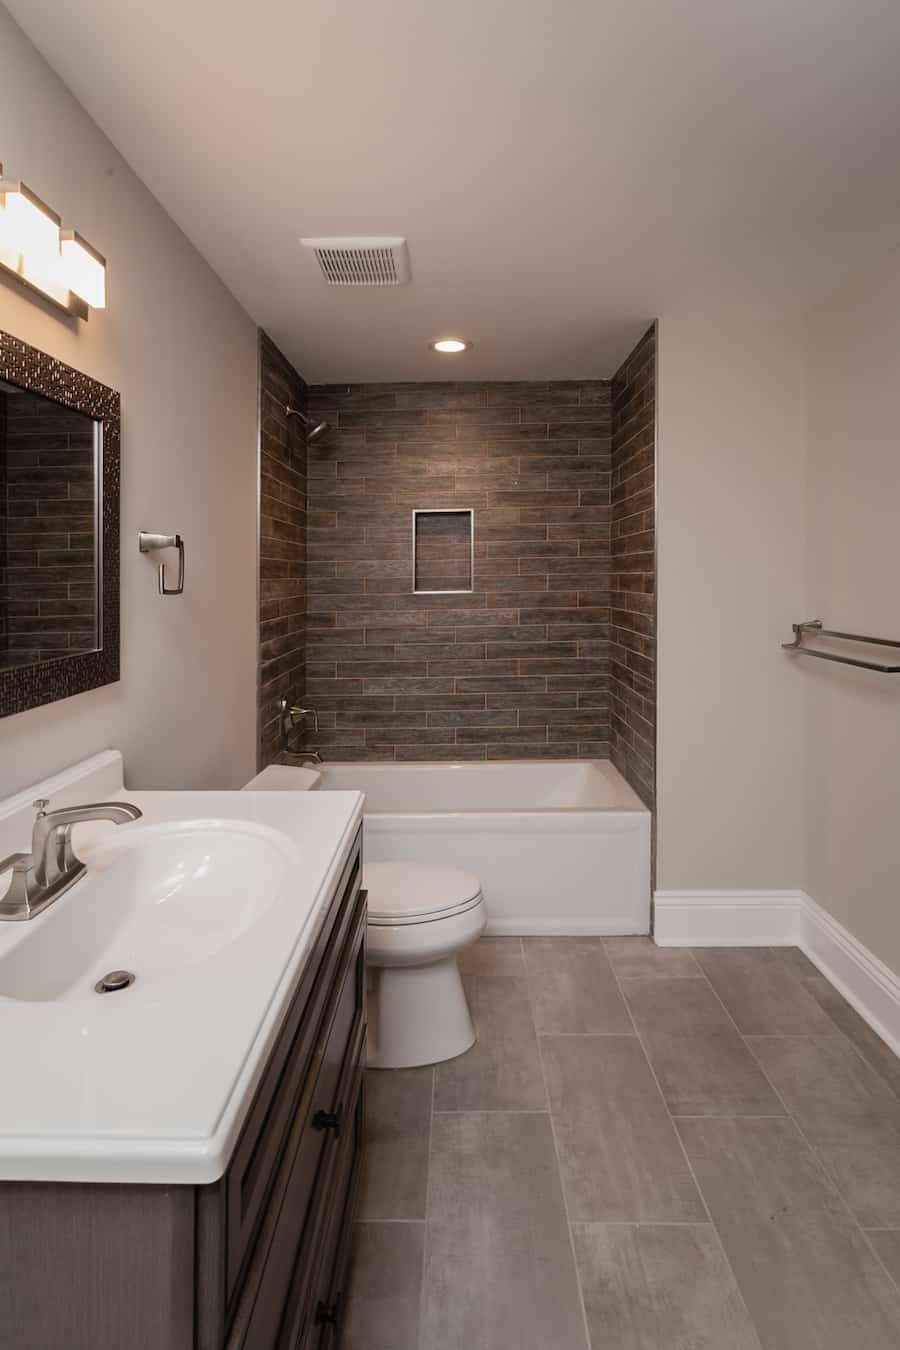 image result for bathroom renovation budget bathroom on bathroom renovation ideas on a budget id=62666